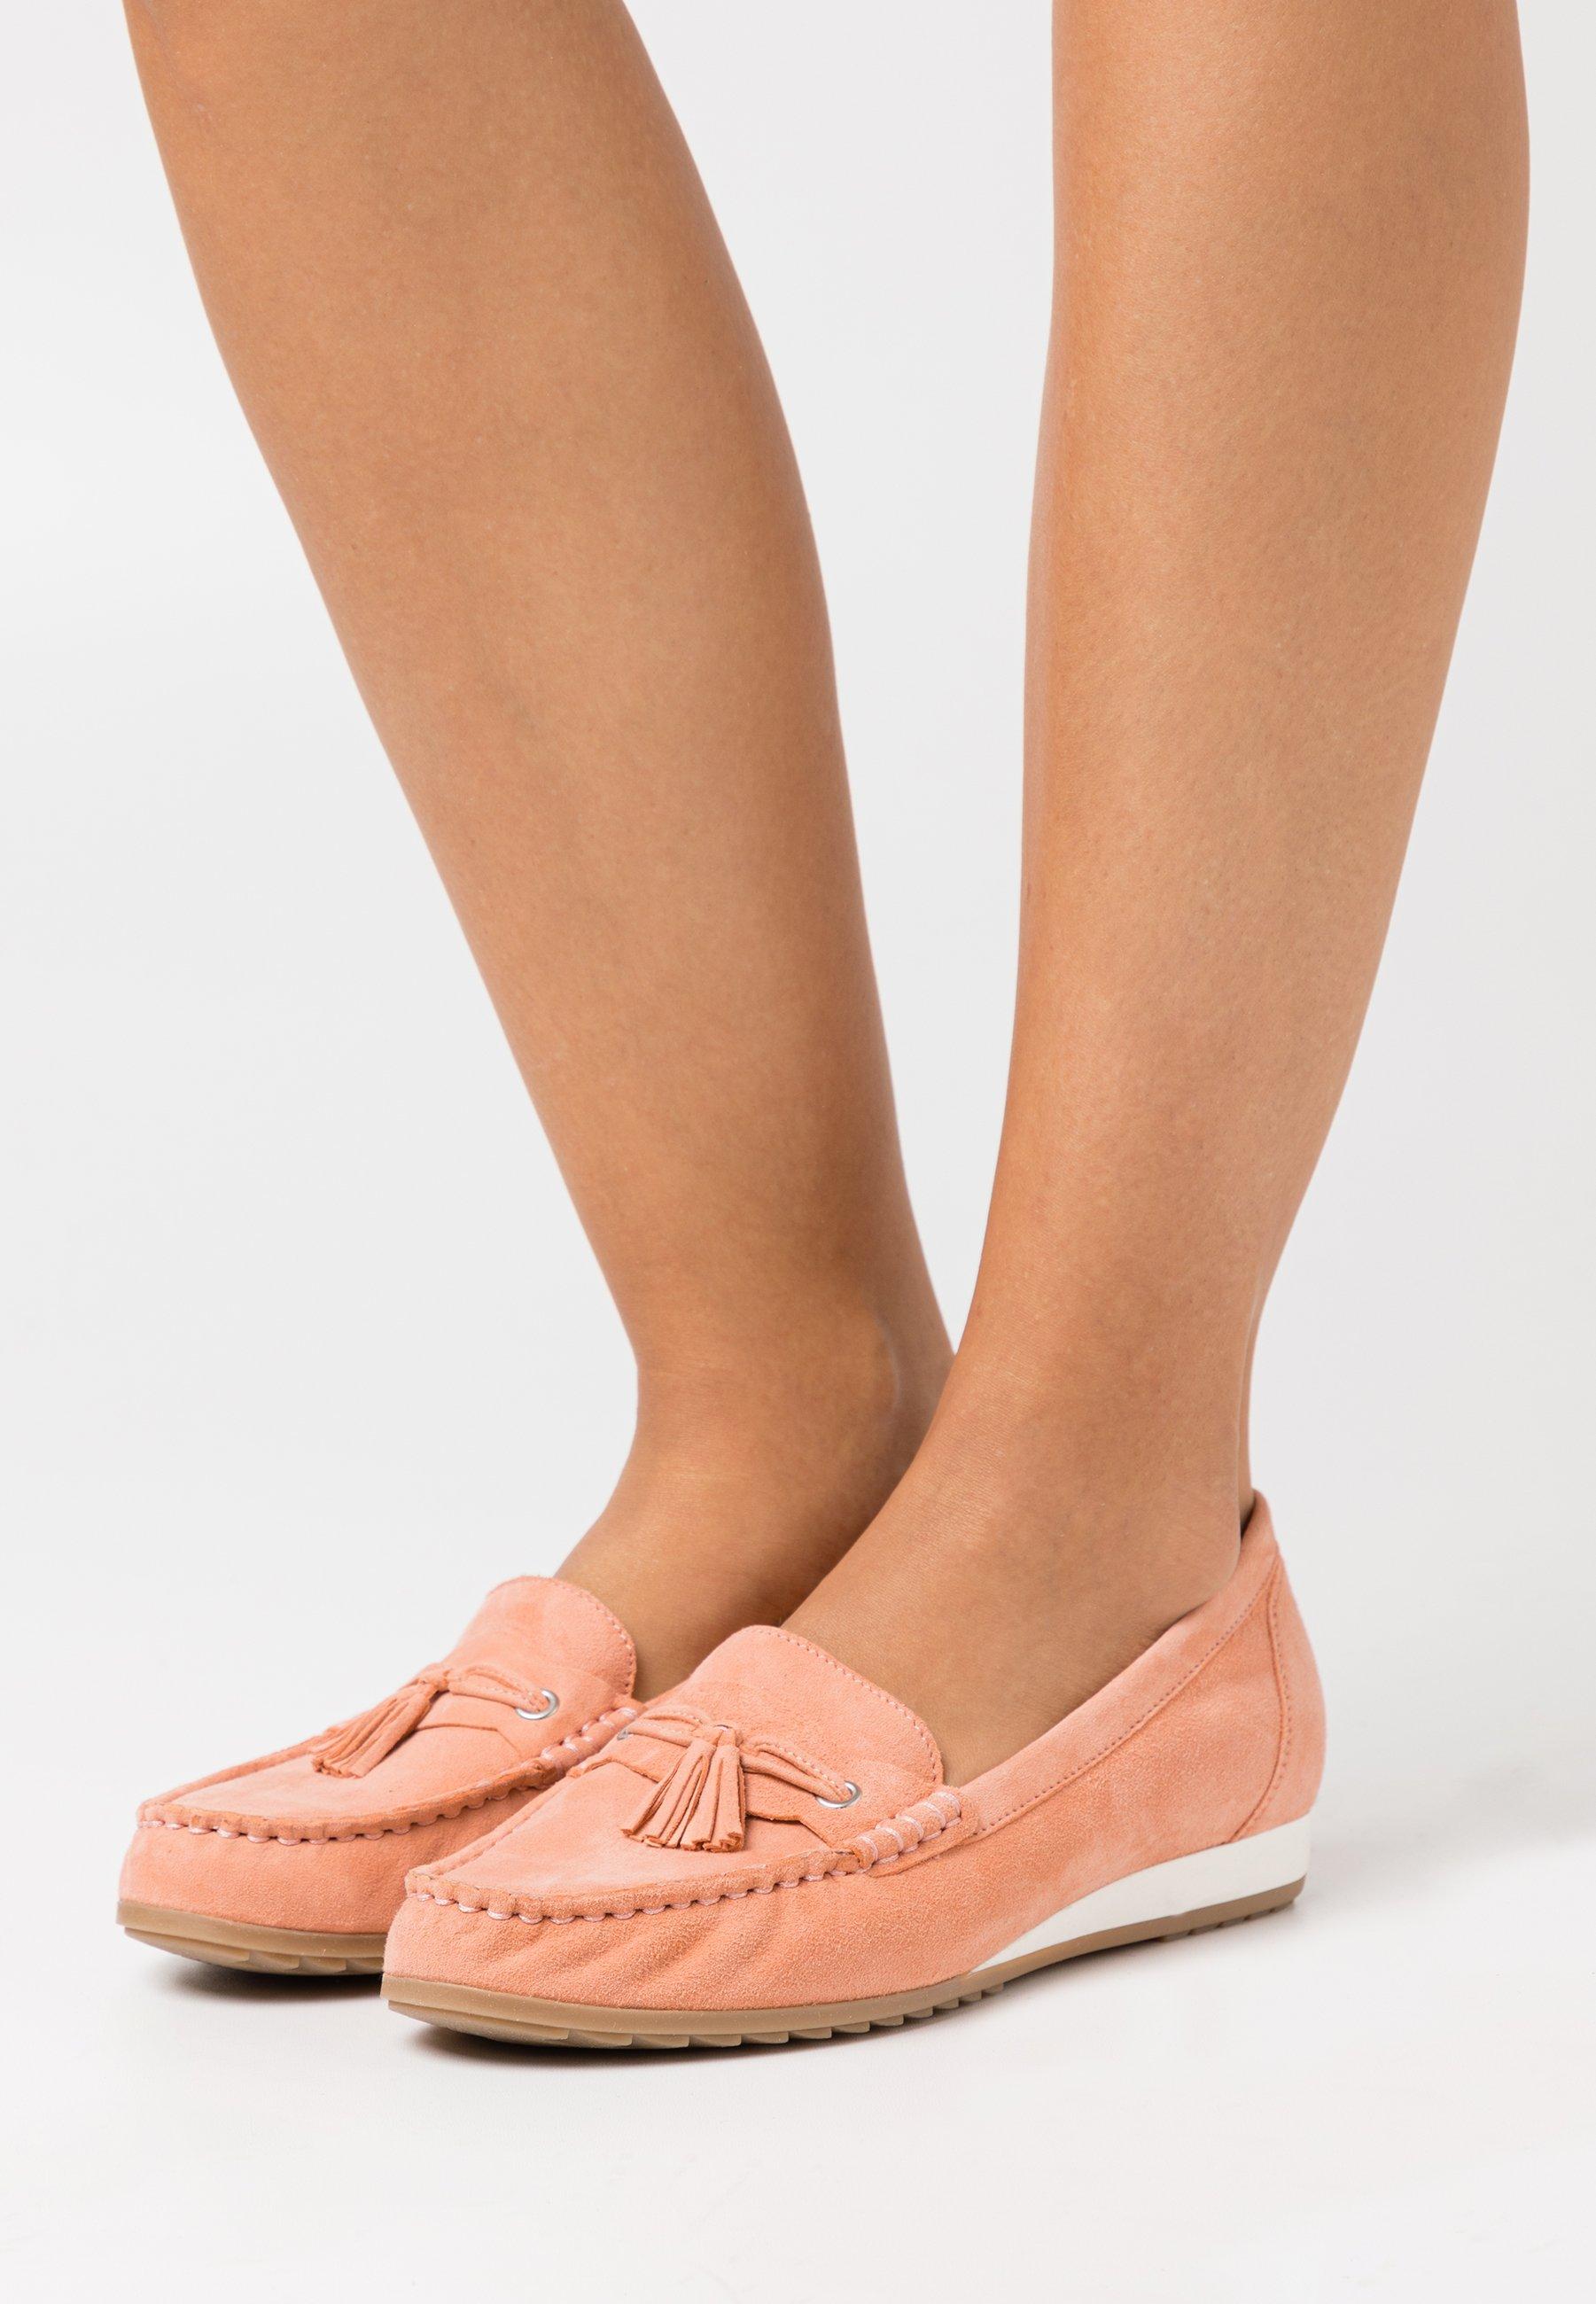 Damen Slipper - peach